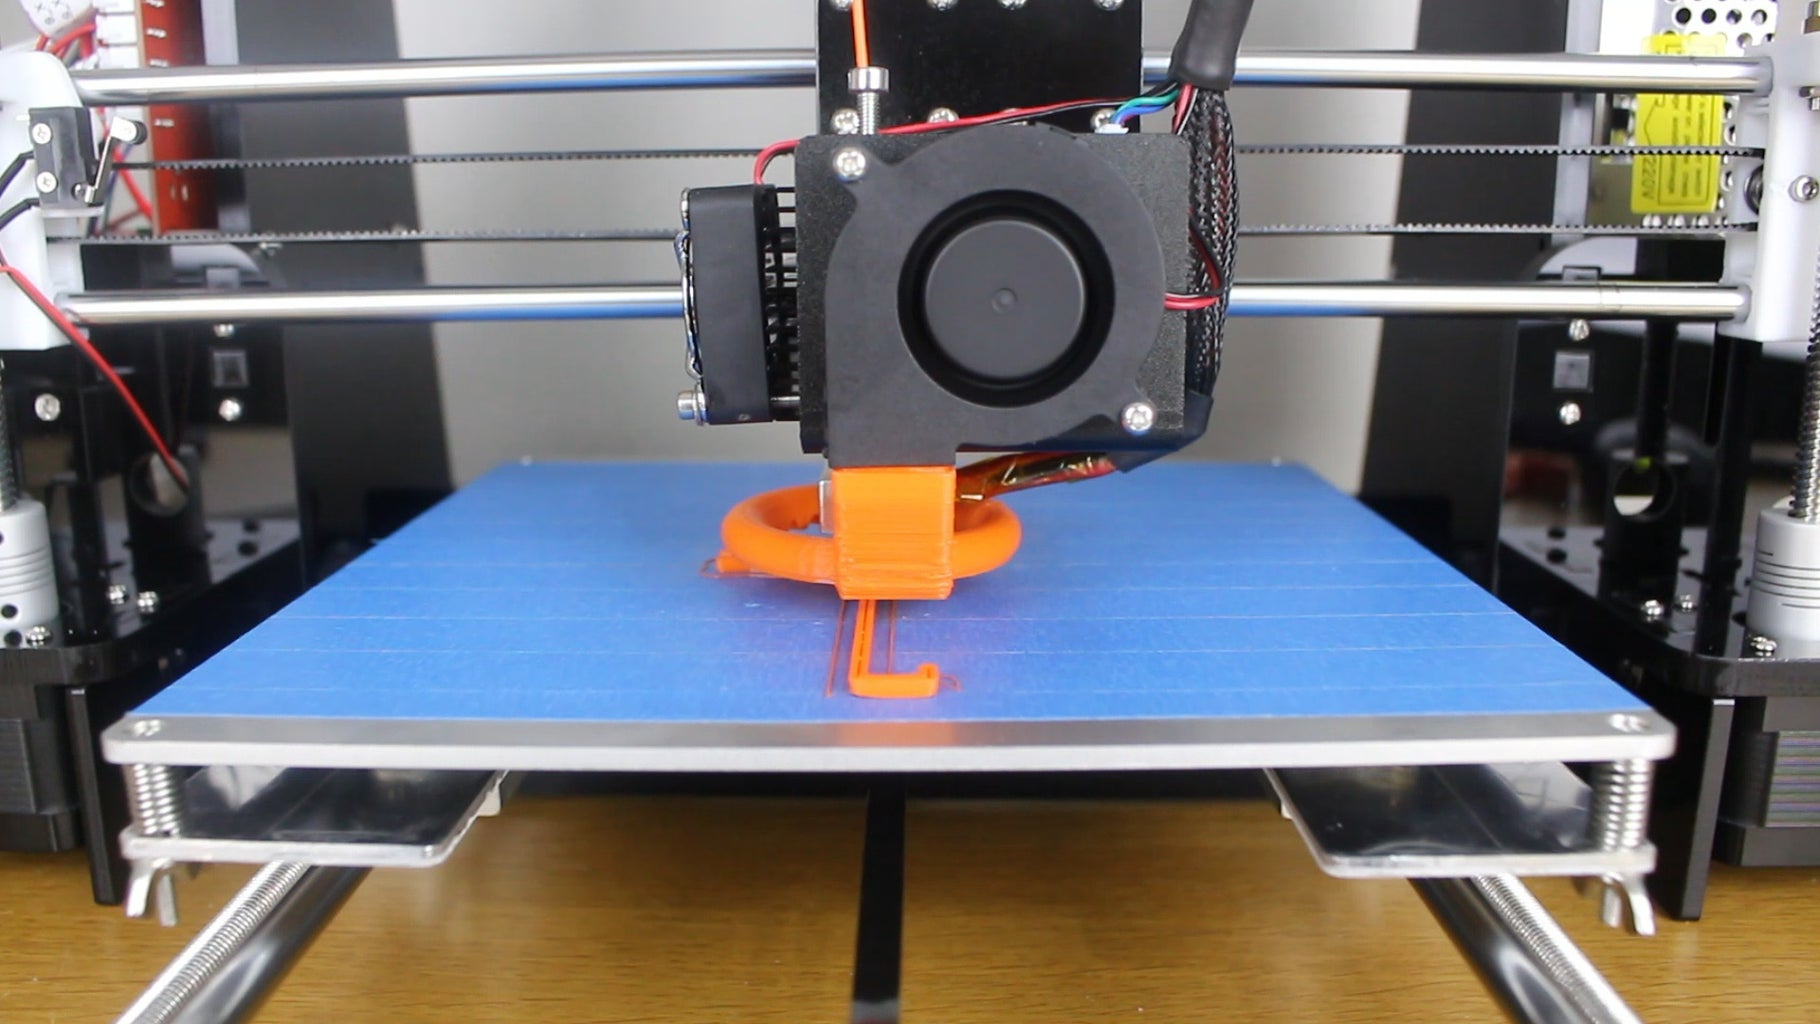 Upgrade 1: Center Nozzle Fan